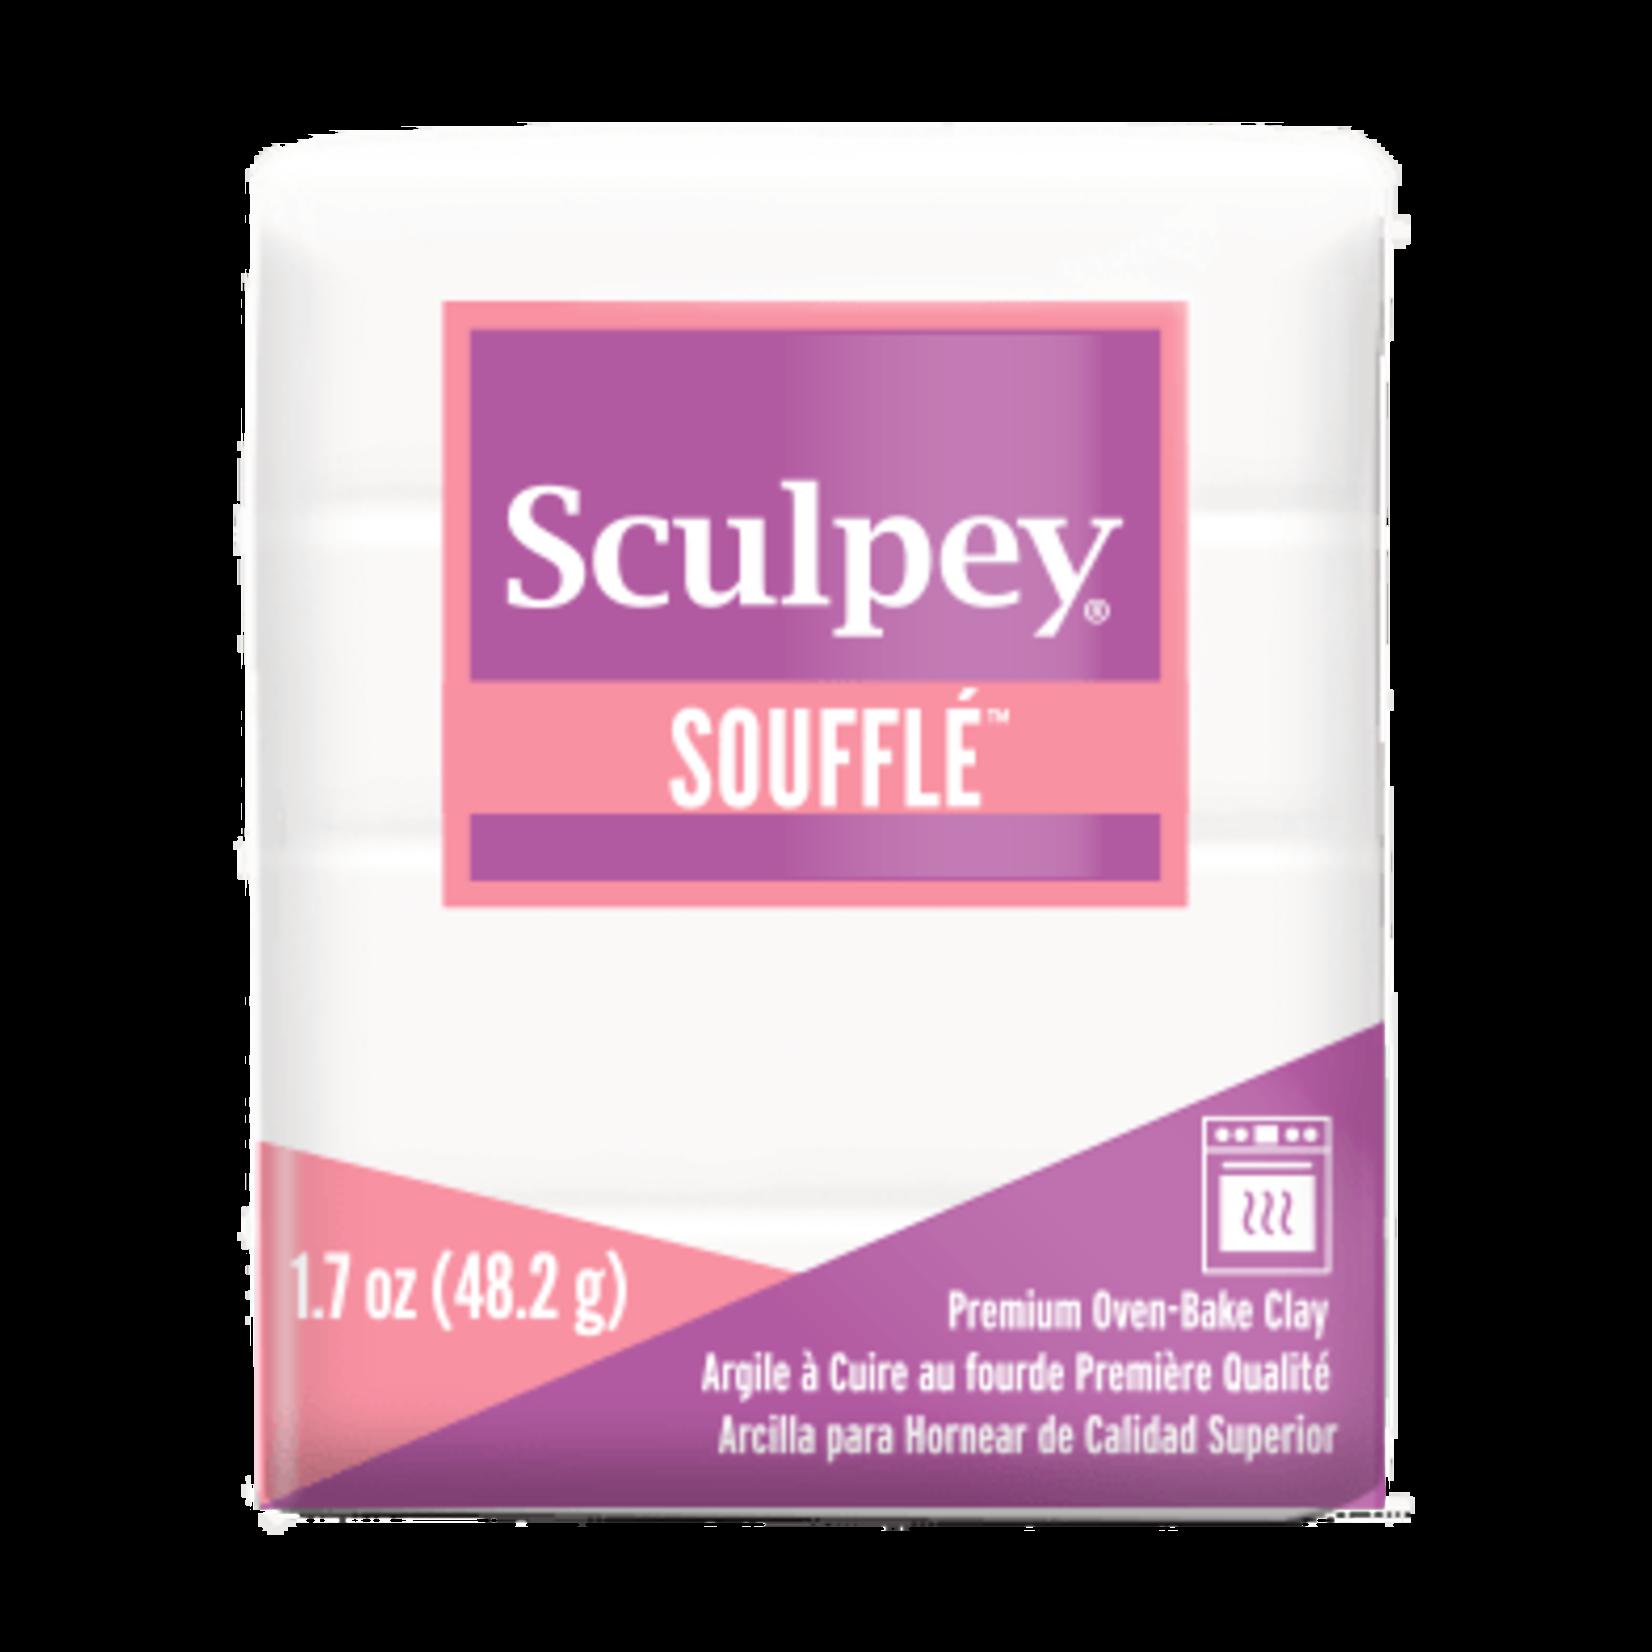 Sculpey Sculpey Souffle -- Igloo